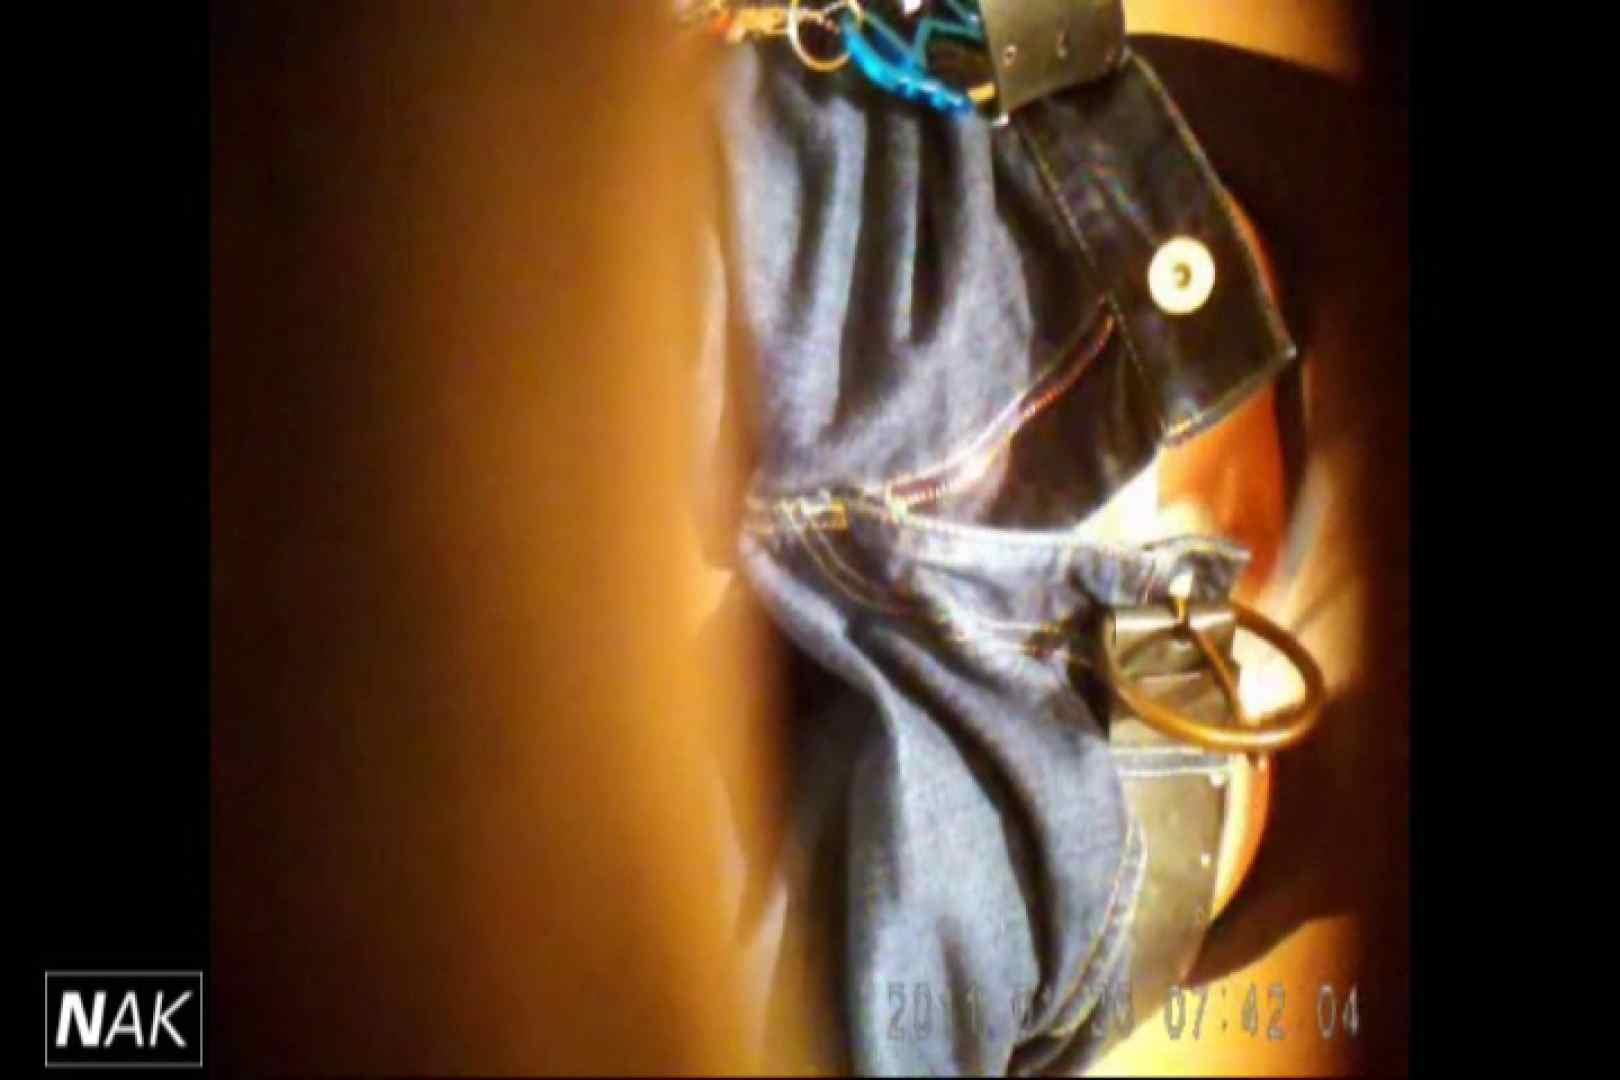 せん八さんの厠観察日記!2点監視カメラ 高画質5000K vol.12 お姉さん丸裸 | 厠隠し撮り  99pic 21